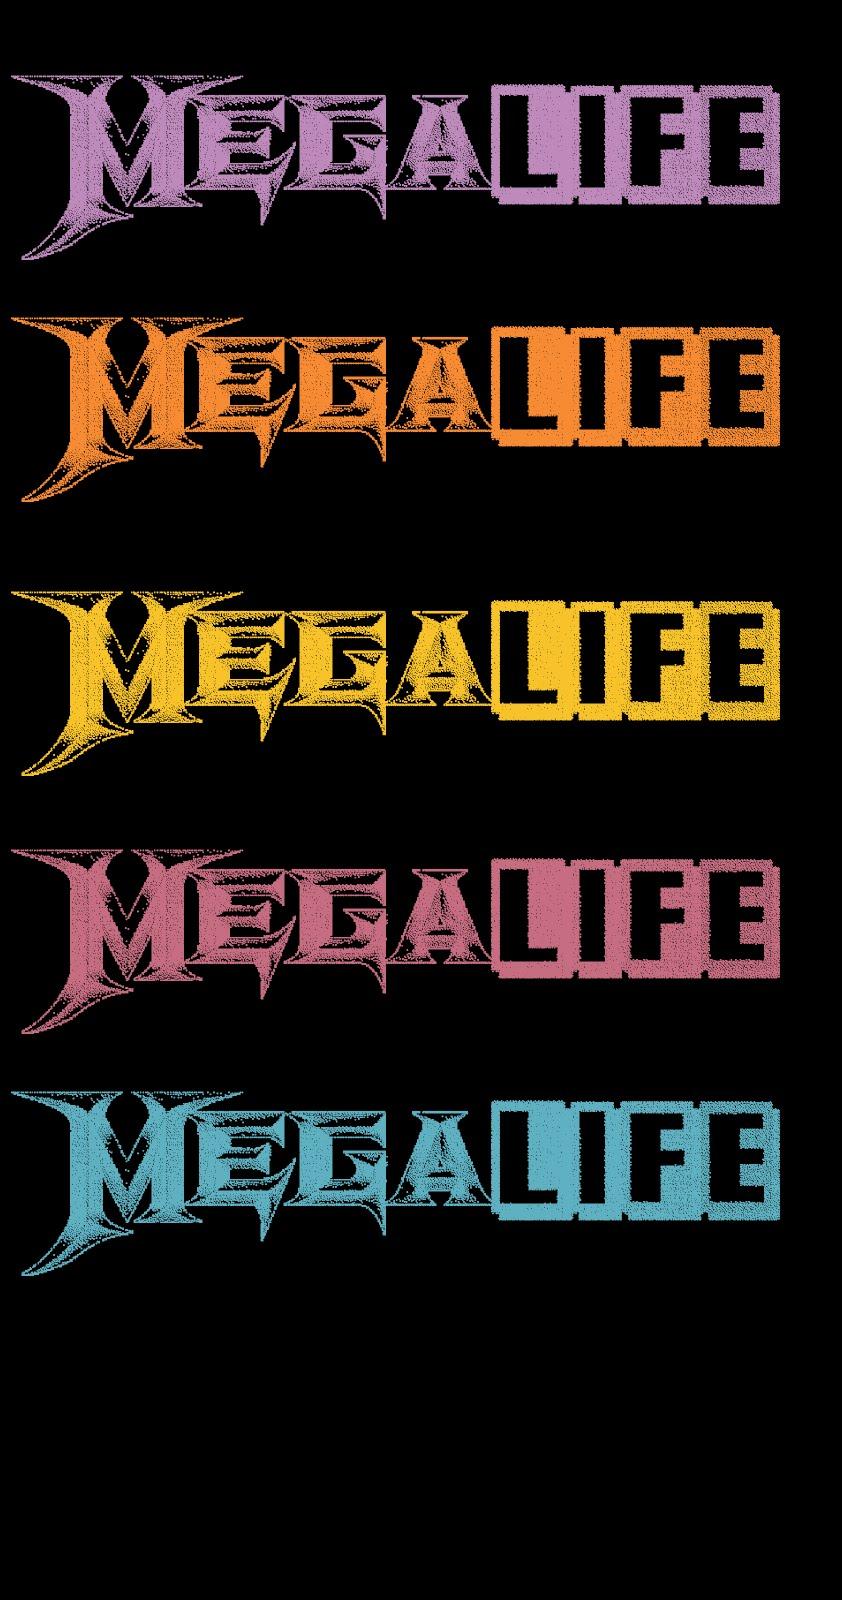 Megaliferockroll